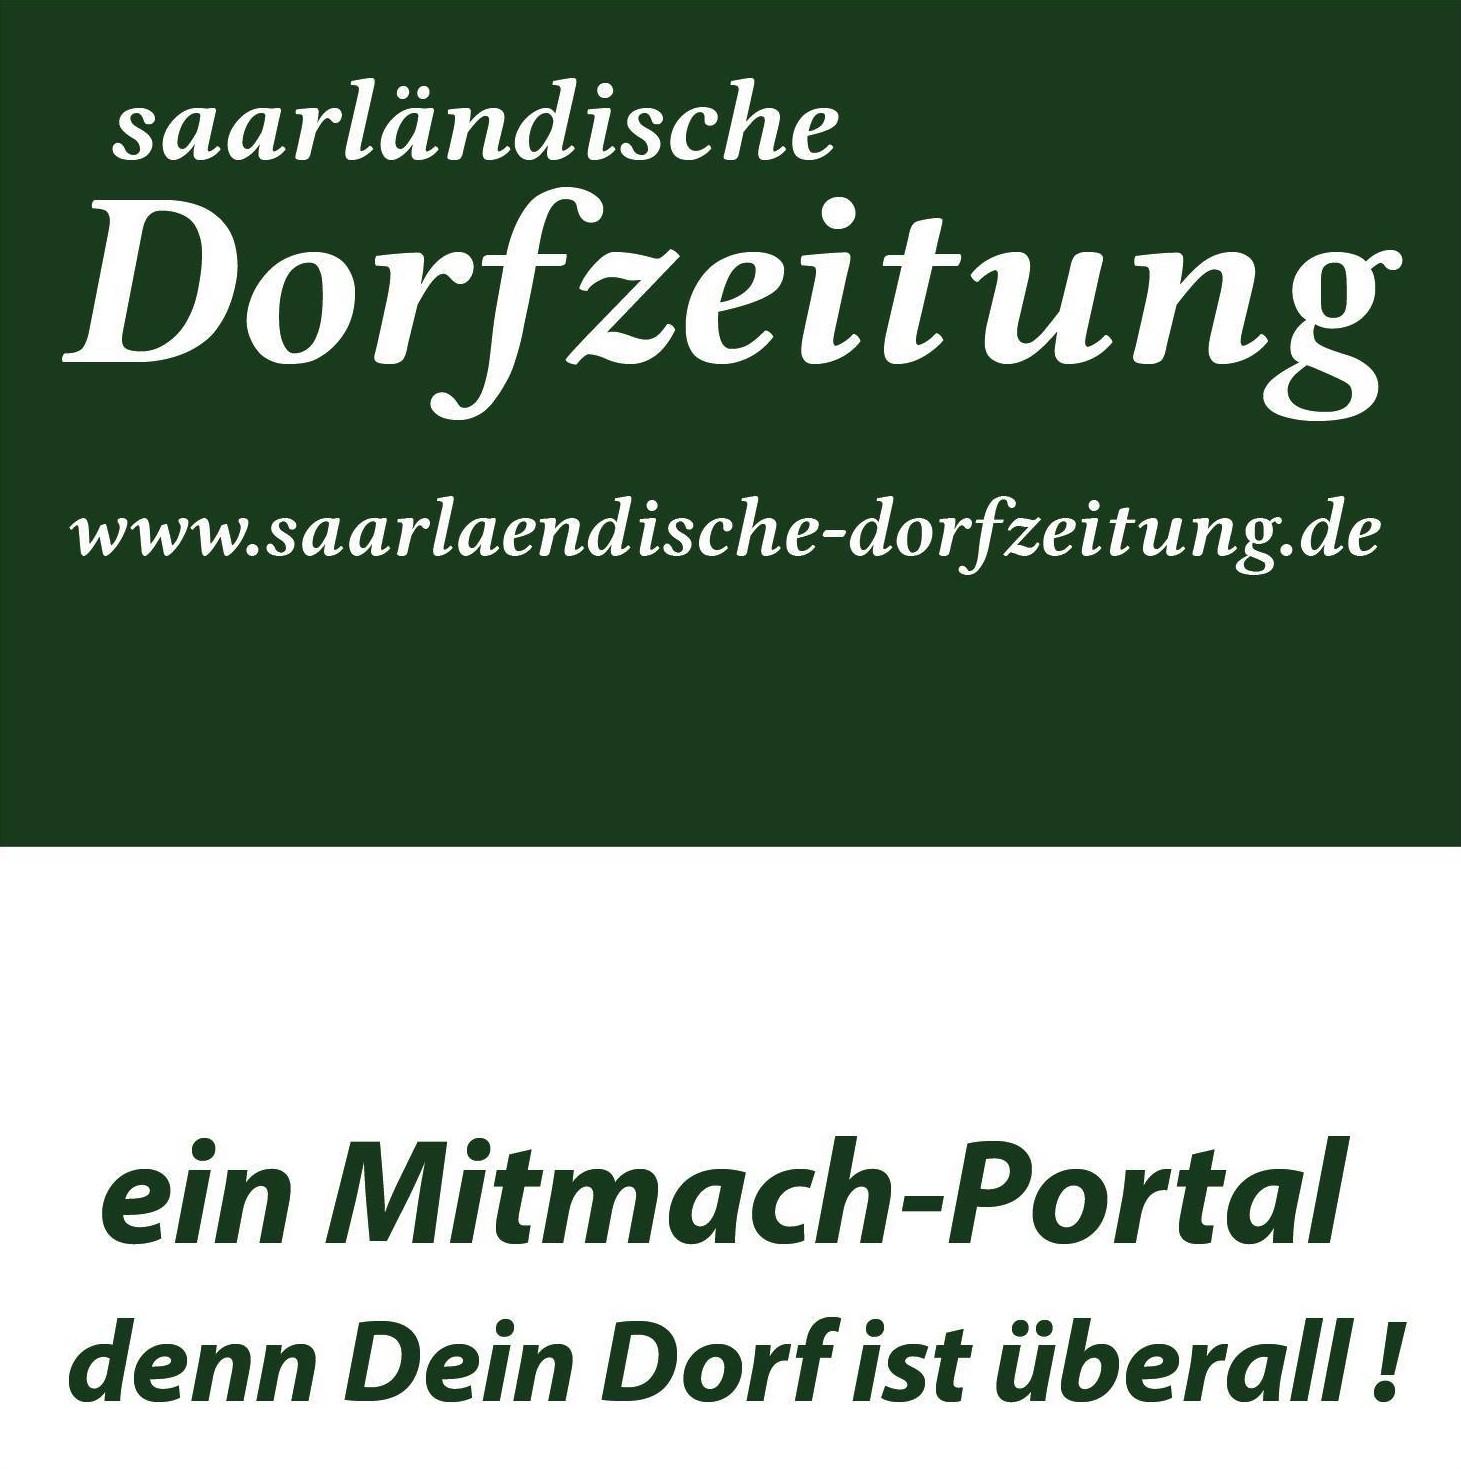 Saarländische Dorfzeitung - ein Mitmach-Portal